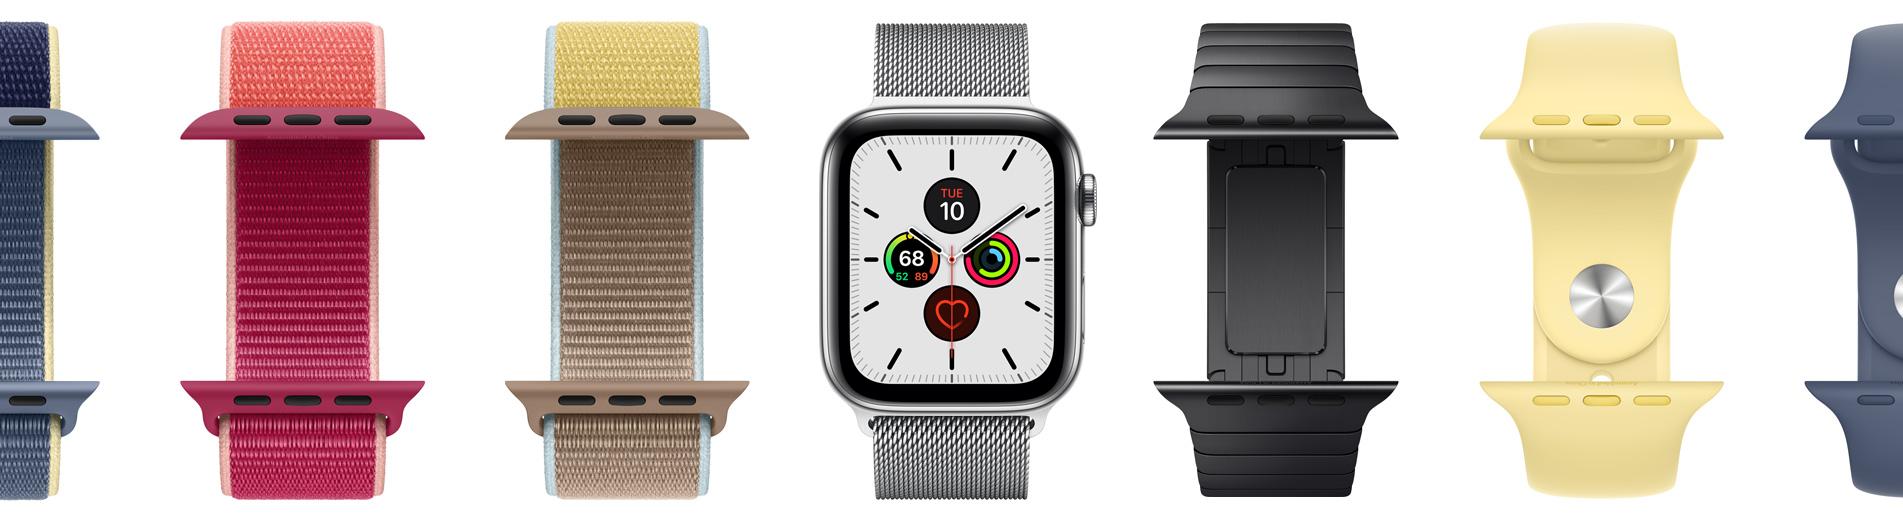 Apple Watch Series 5 Aluminum - Nhập Khẩu Chính Hãng 25